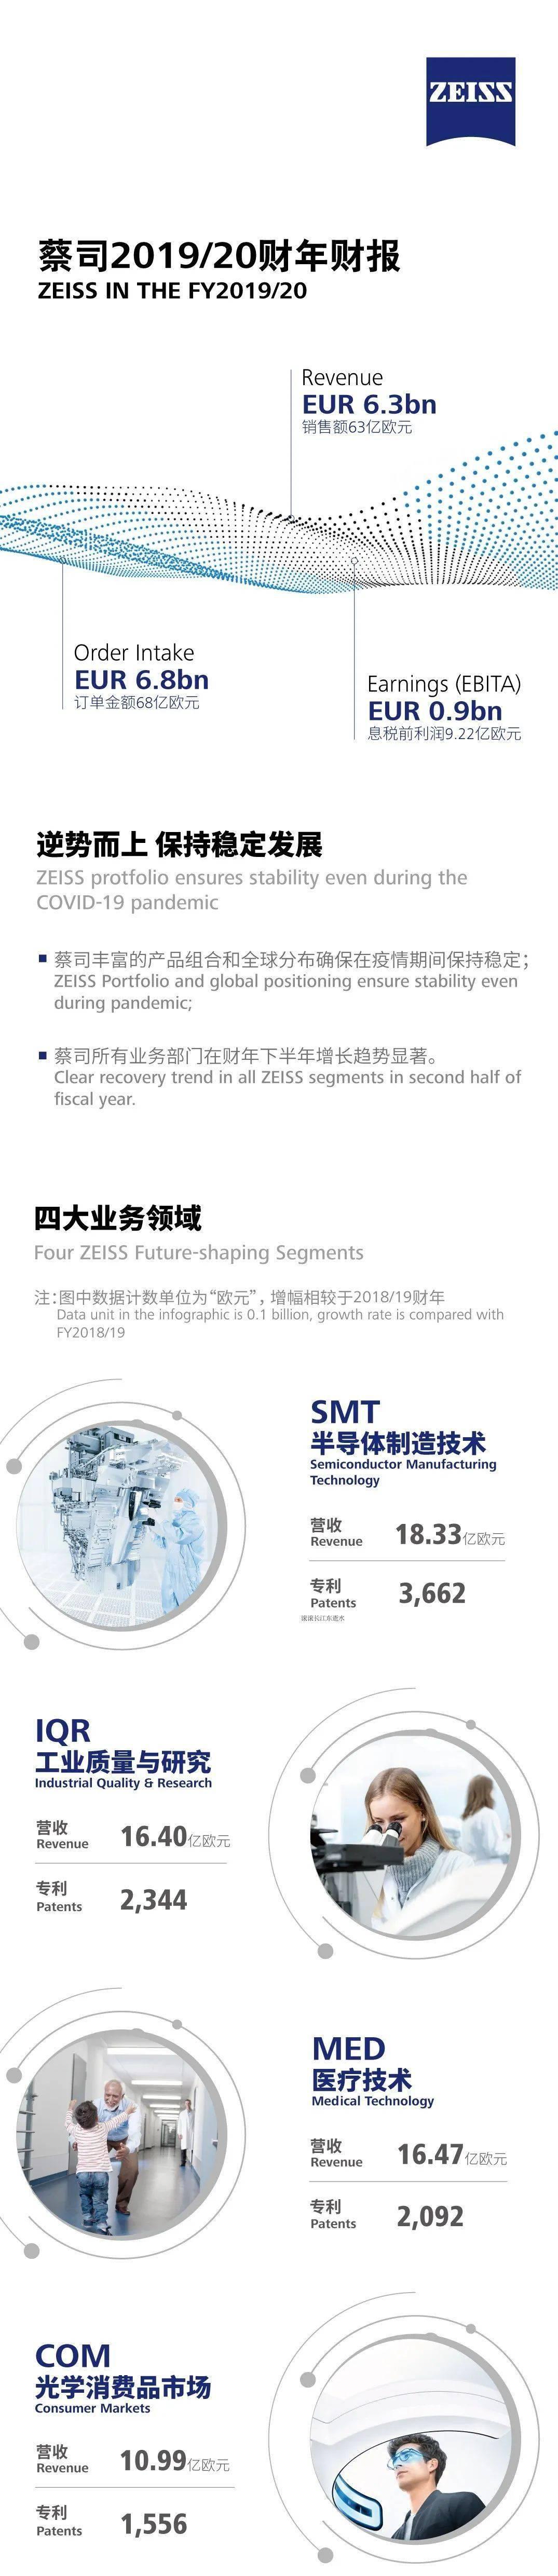 【蔡司2019/20年度财报】业绩逆势而上,科技在未来熠熠生辉!